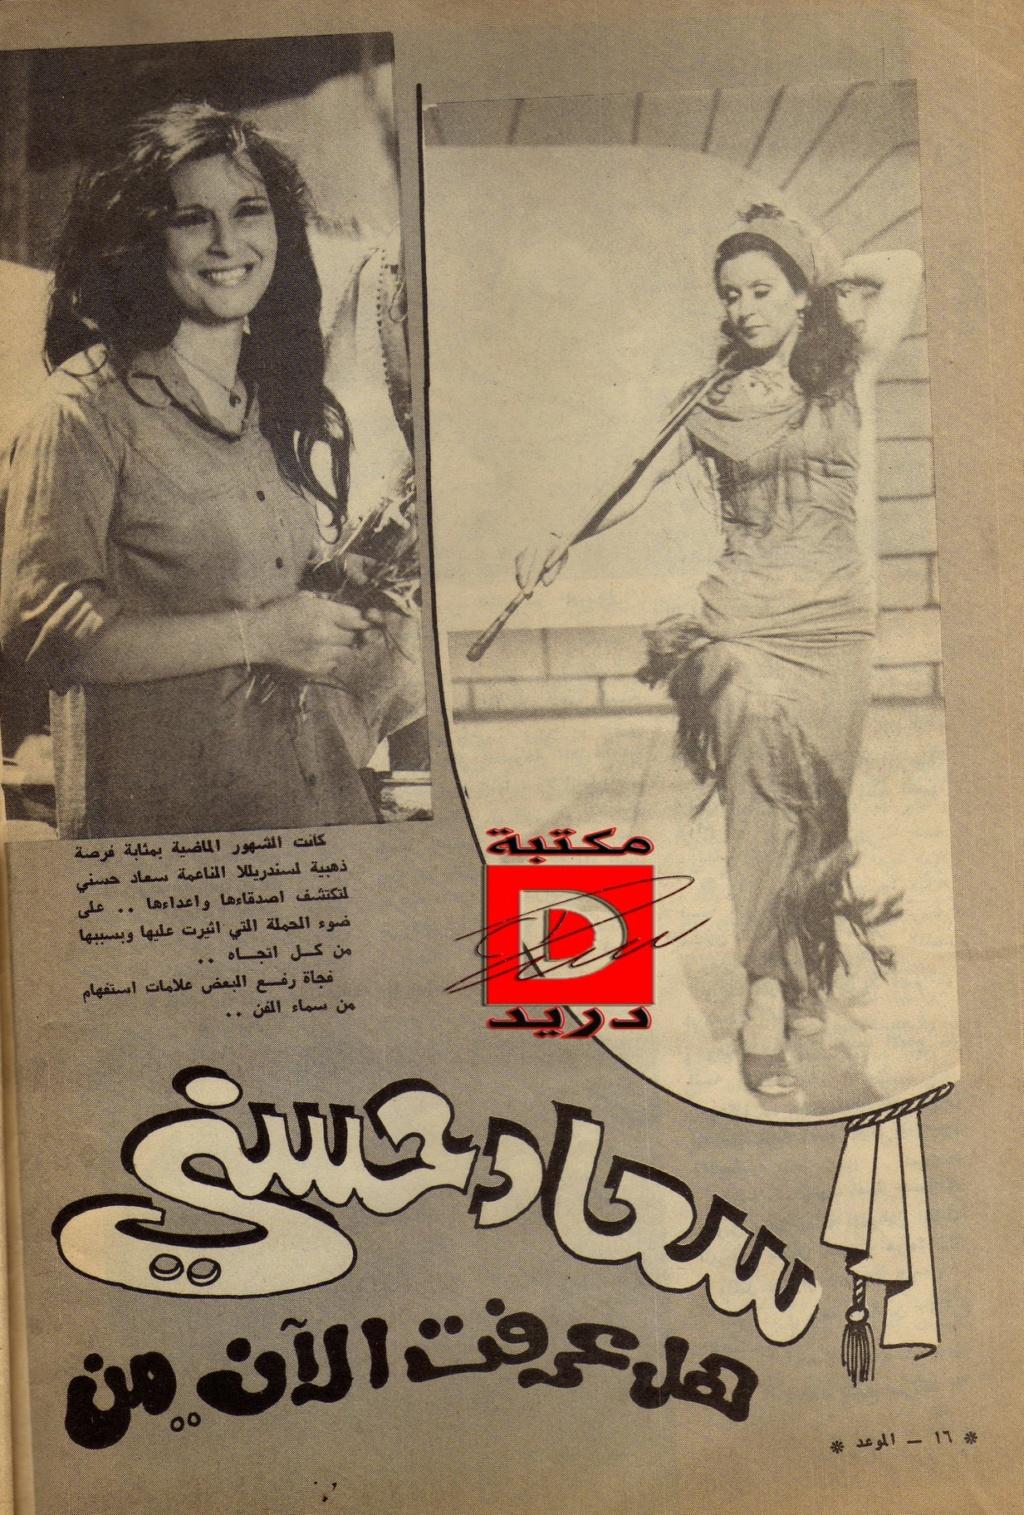 مقال - مقال صحفي : سعاد حسني هل عرفت الآن .. من يحبّها و .. يكرهها ؟! 1979 م 123